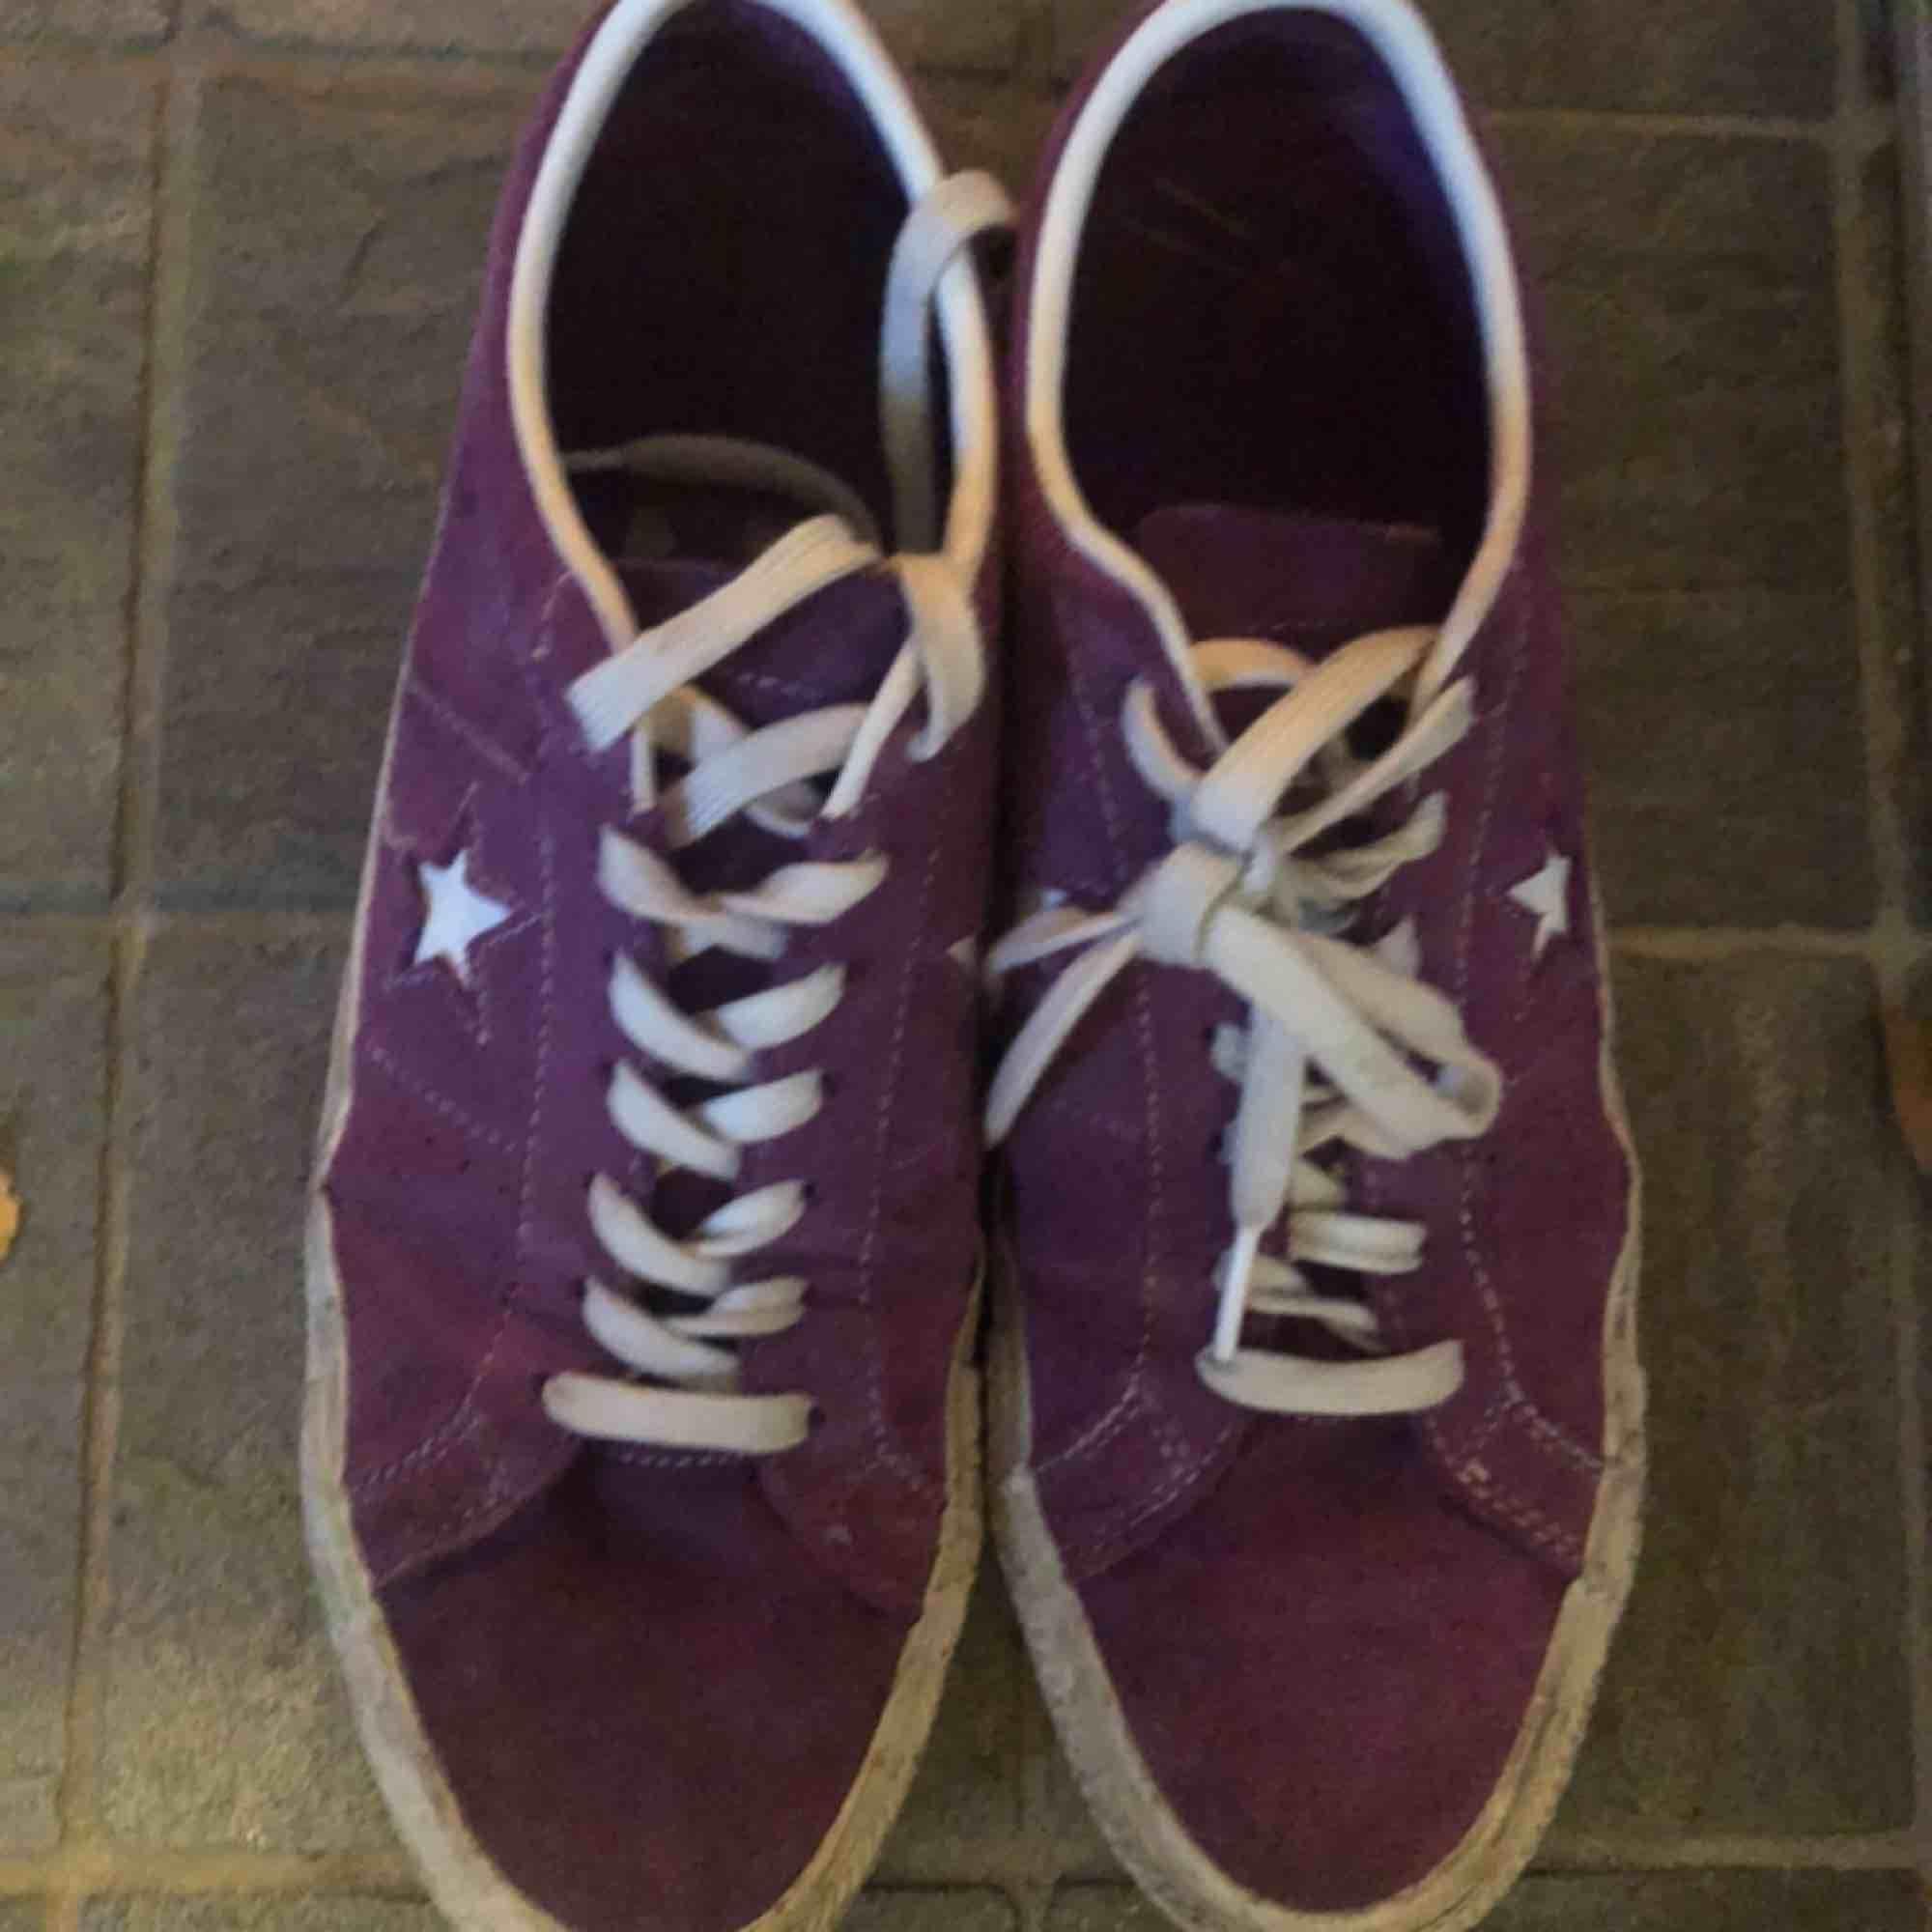 Converse one star ox. Väl använda men inga praktiska fel med skon. Frakt: 60kr. Skri om du har några funderingar!. Skor.